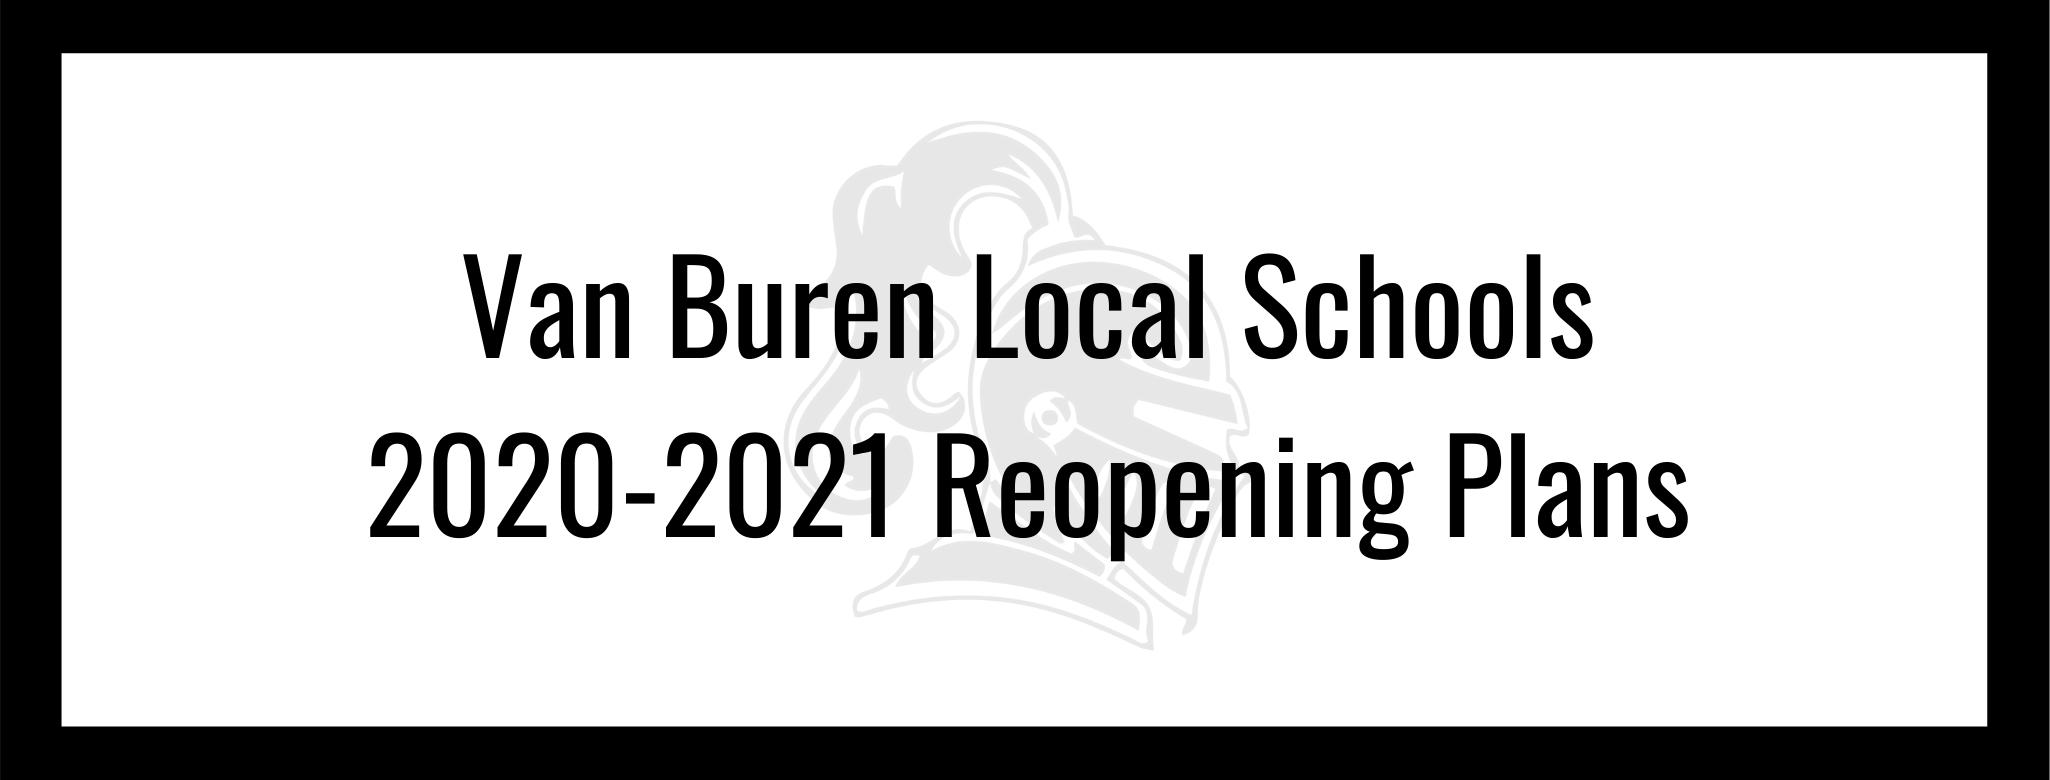 Van Buren Local Schools 2020-2021 Reopening Plans